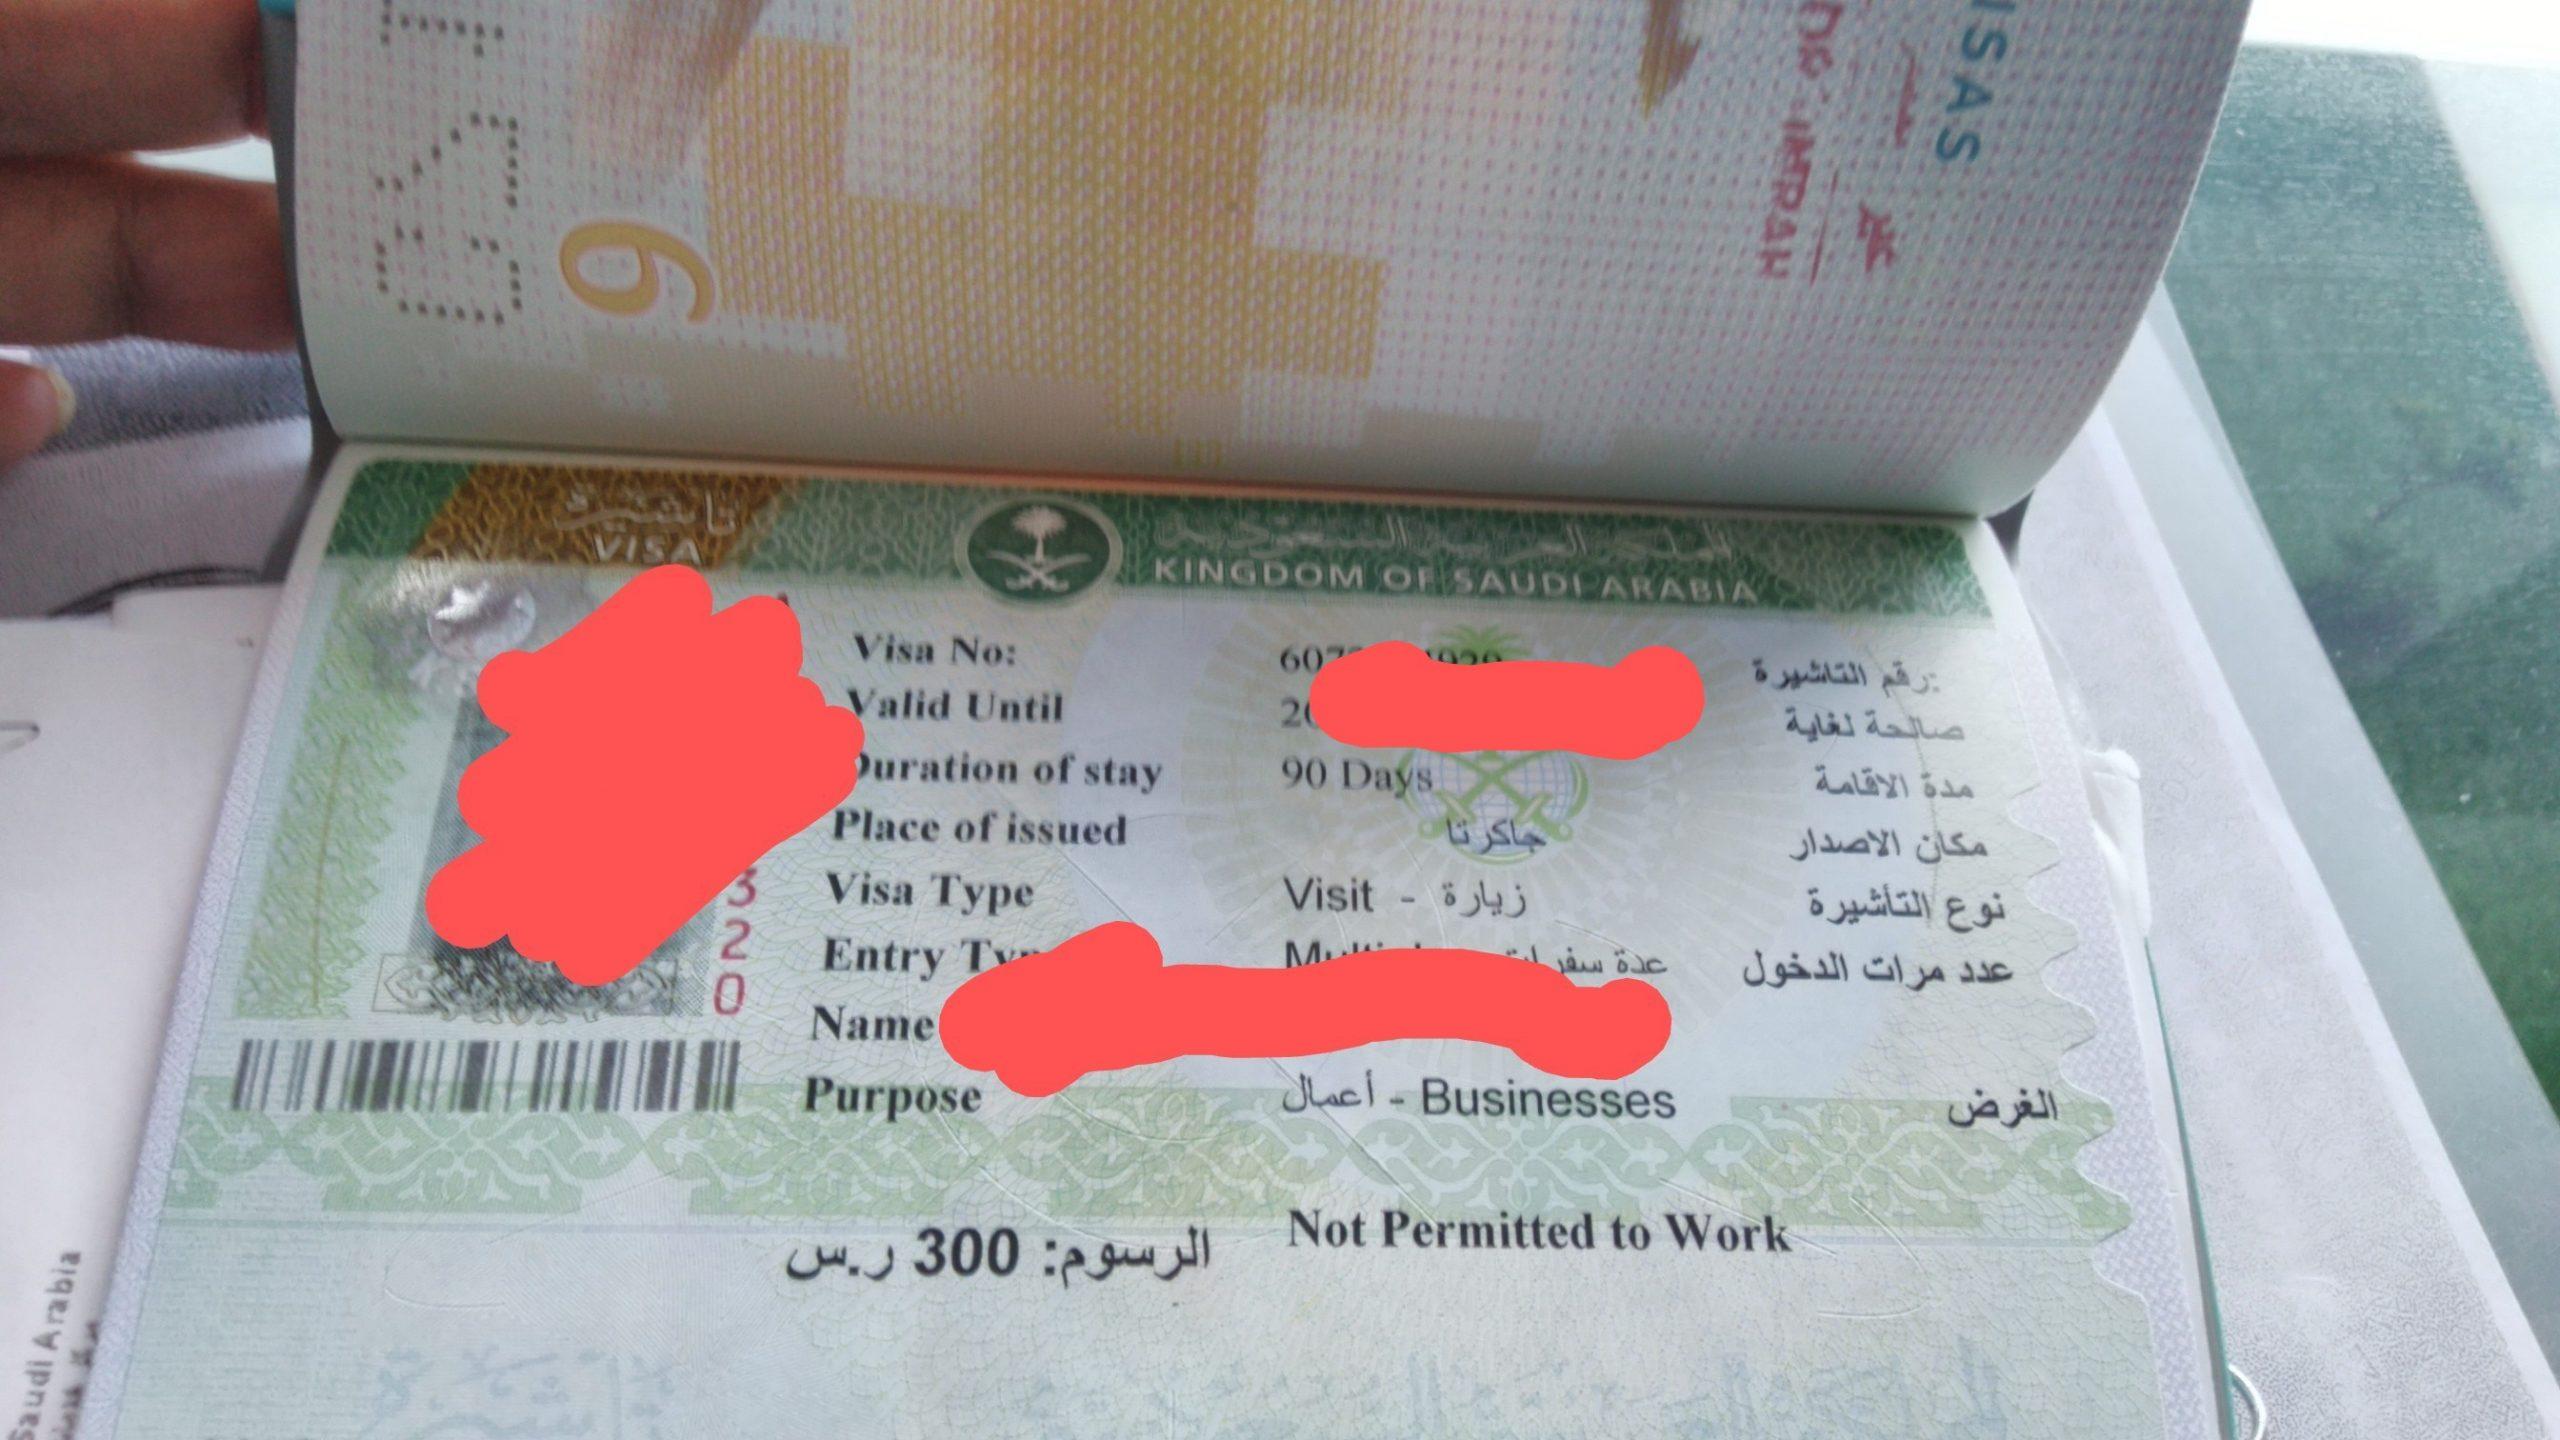 Pengalaman Mengajukan Visa Pelaut di VFS Tasheel